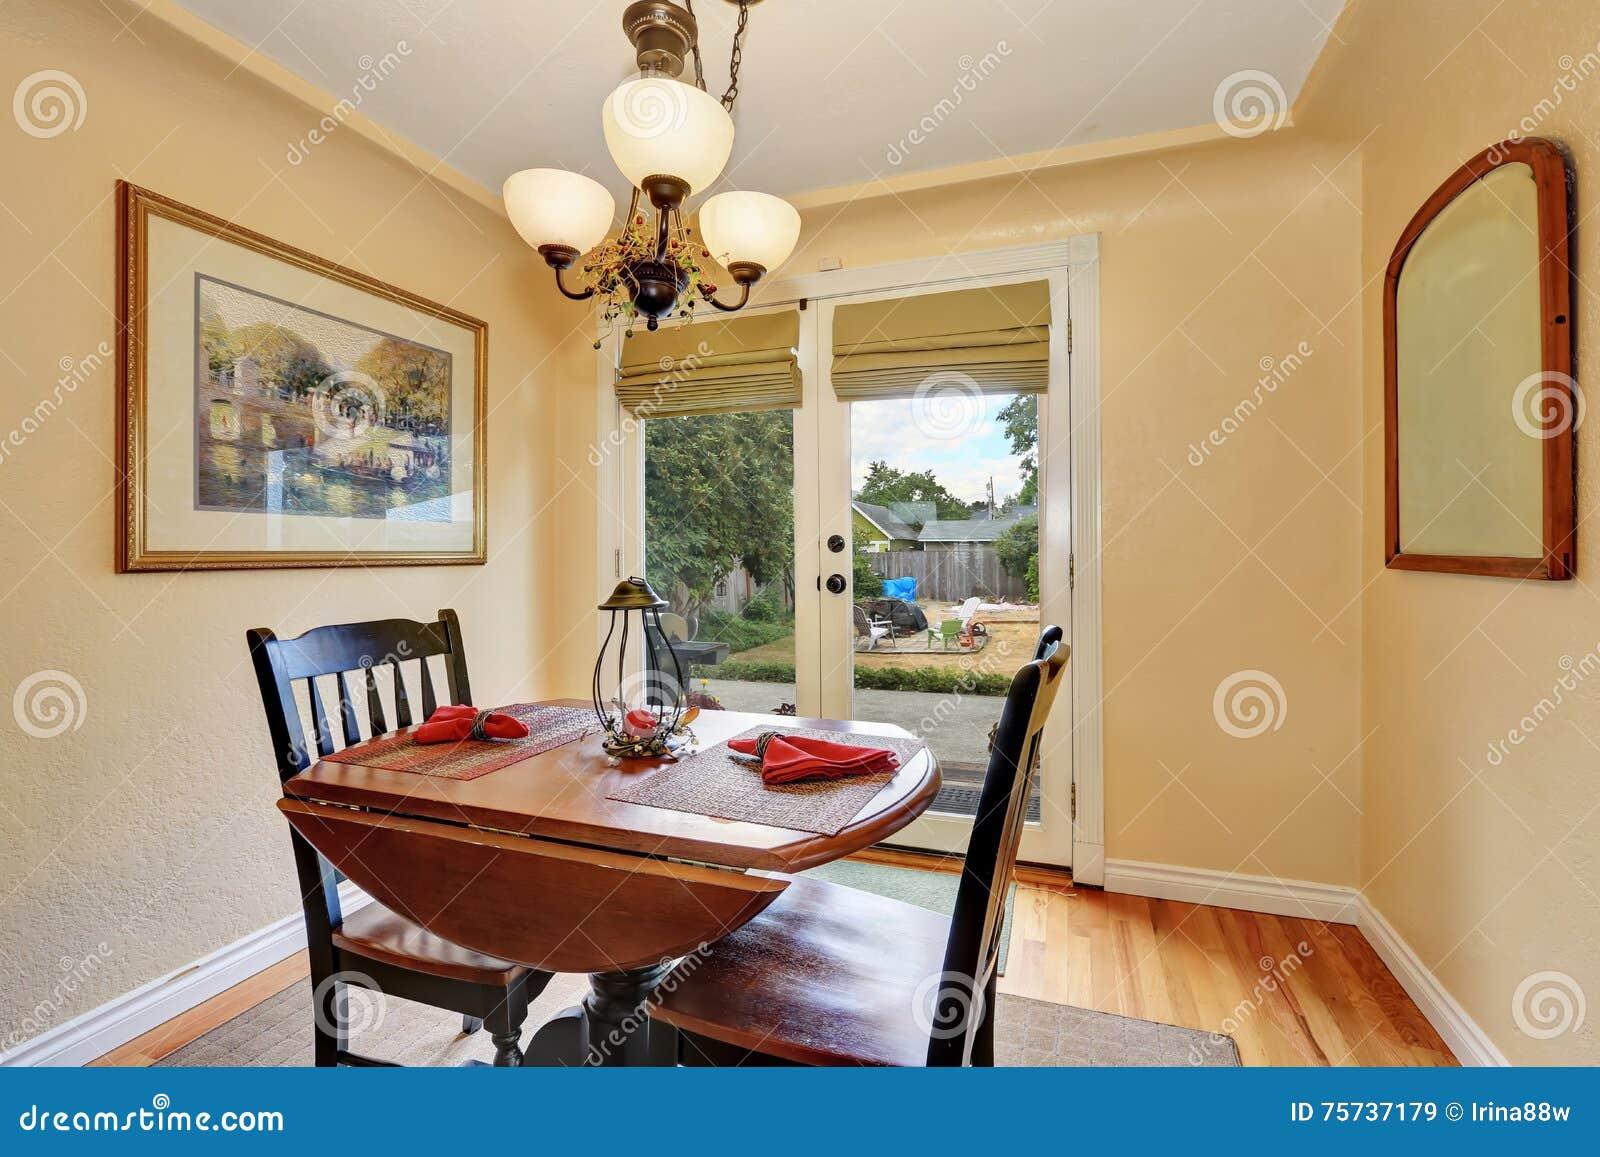 Piccola Sala Da Pranzo : Piccola sala da pranzo in vecchia casa americana immagine stock